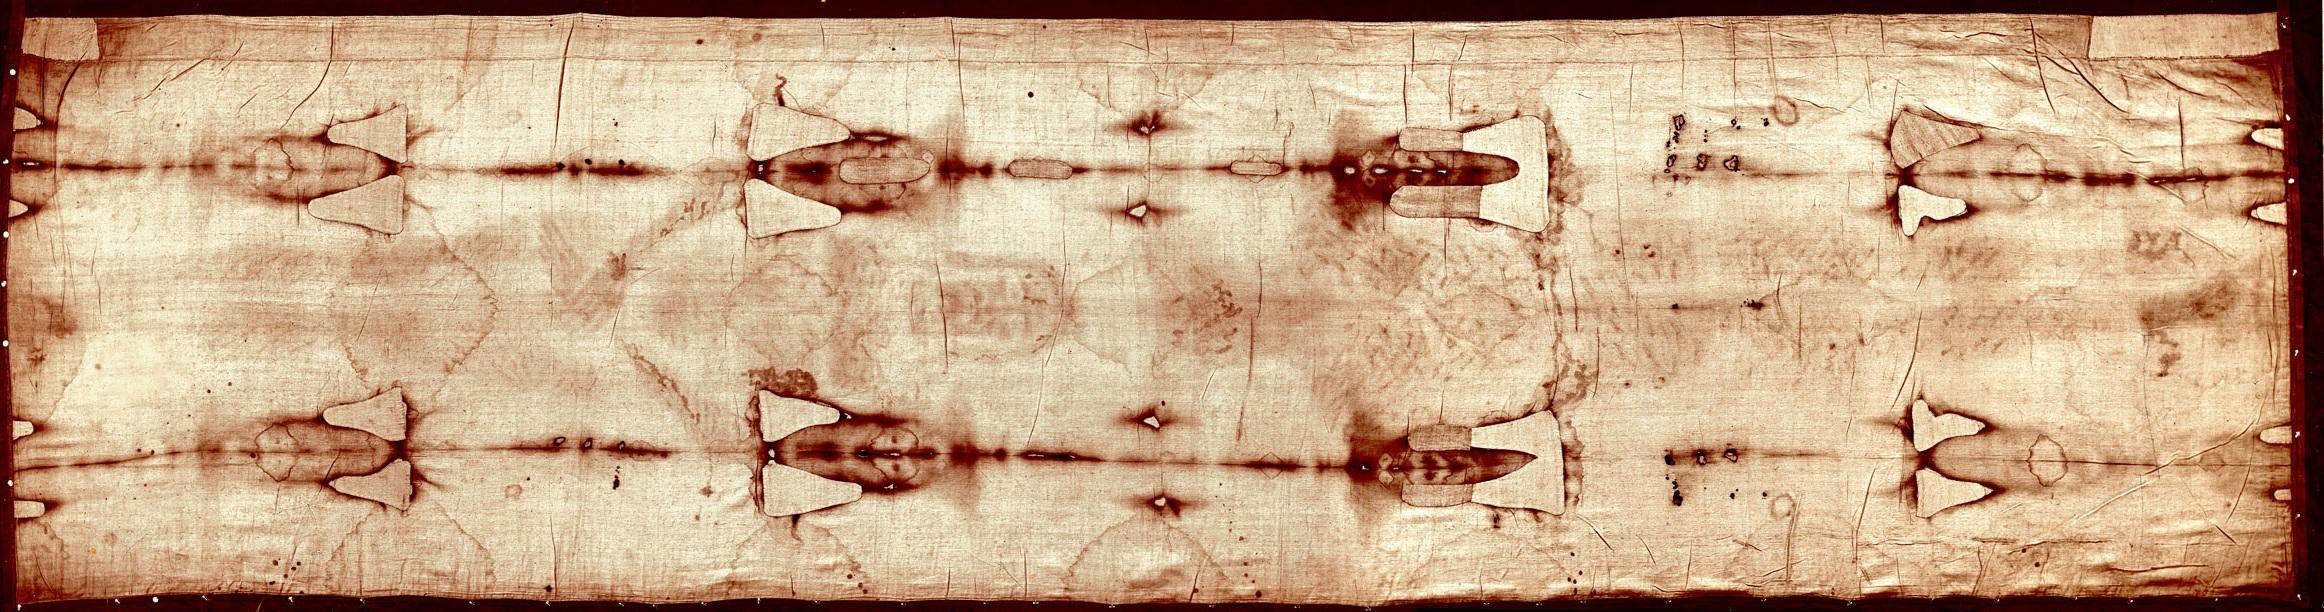 5 maiores mistérios da História: Santo Sudário, Atlântida e outros casos intrigantes - 1